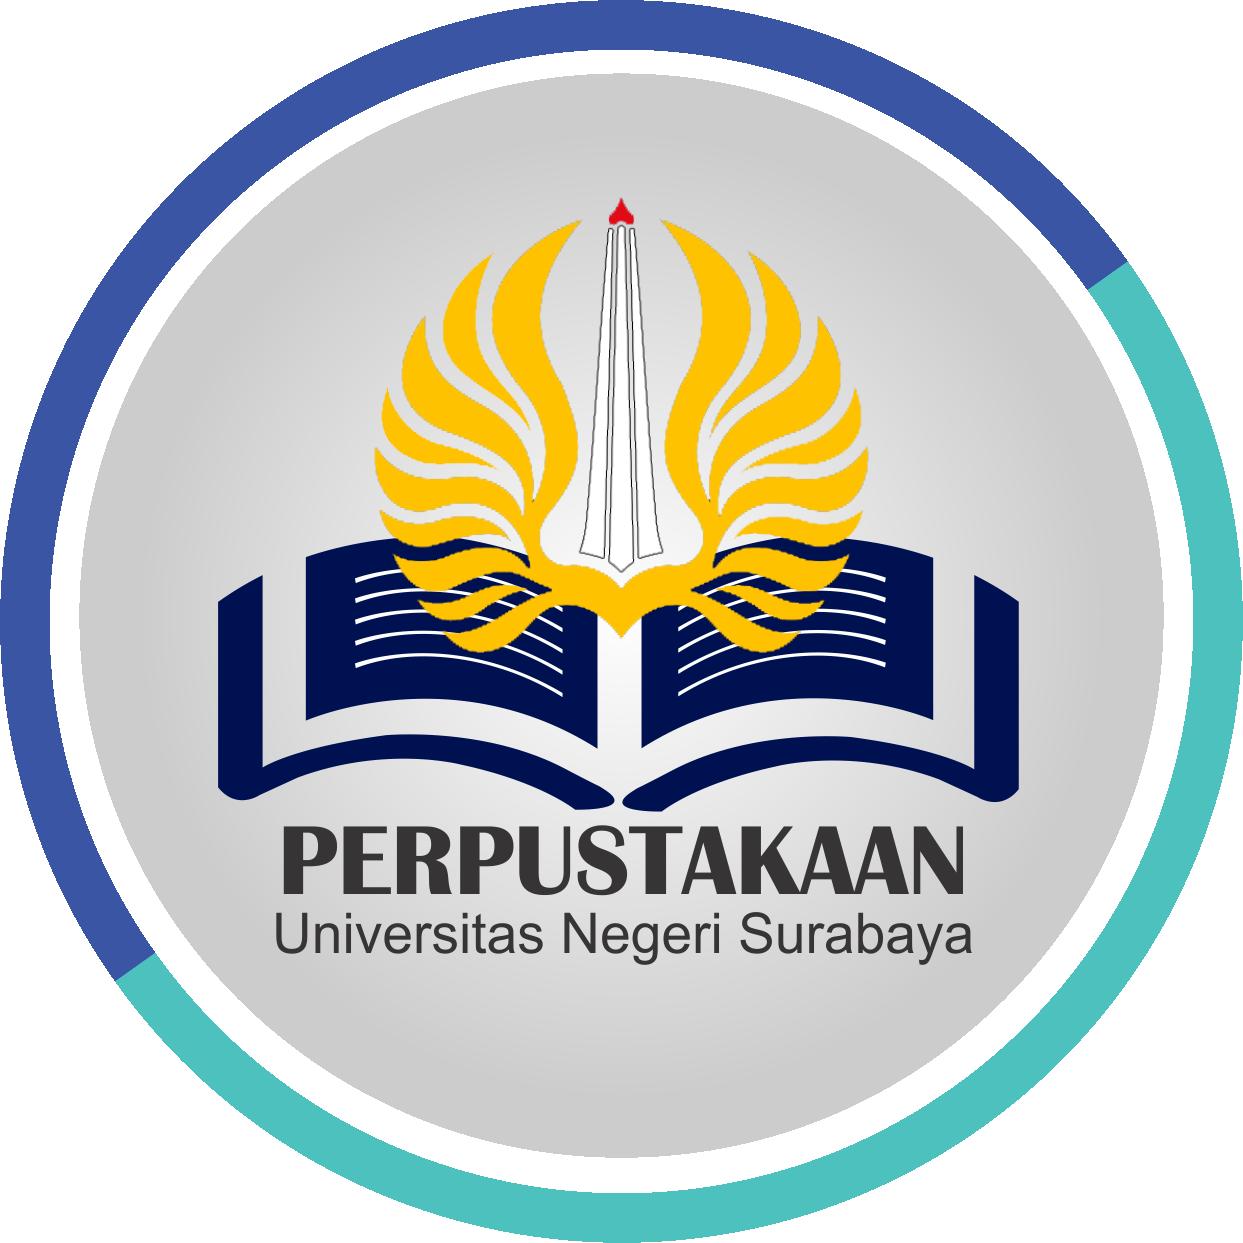 Perpustakaan Universitas Negeri Surabaya